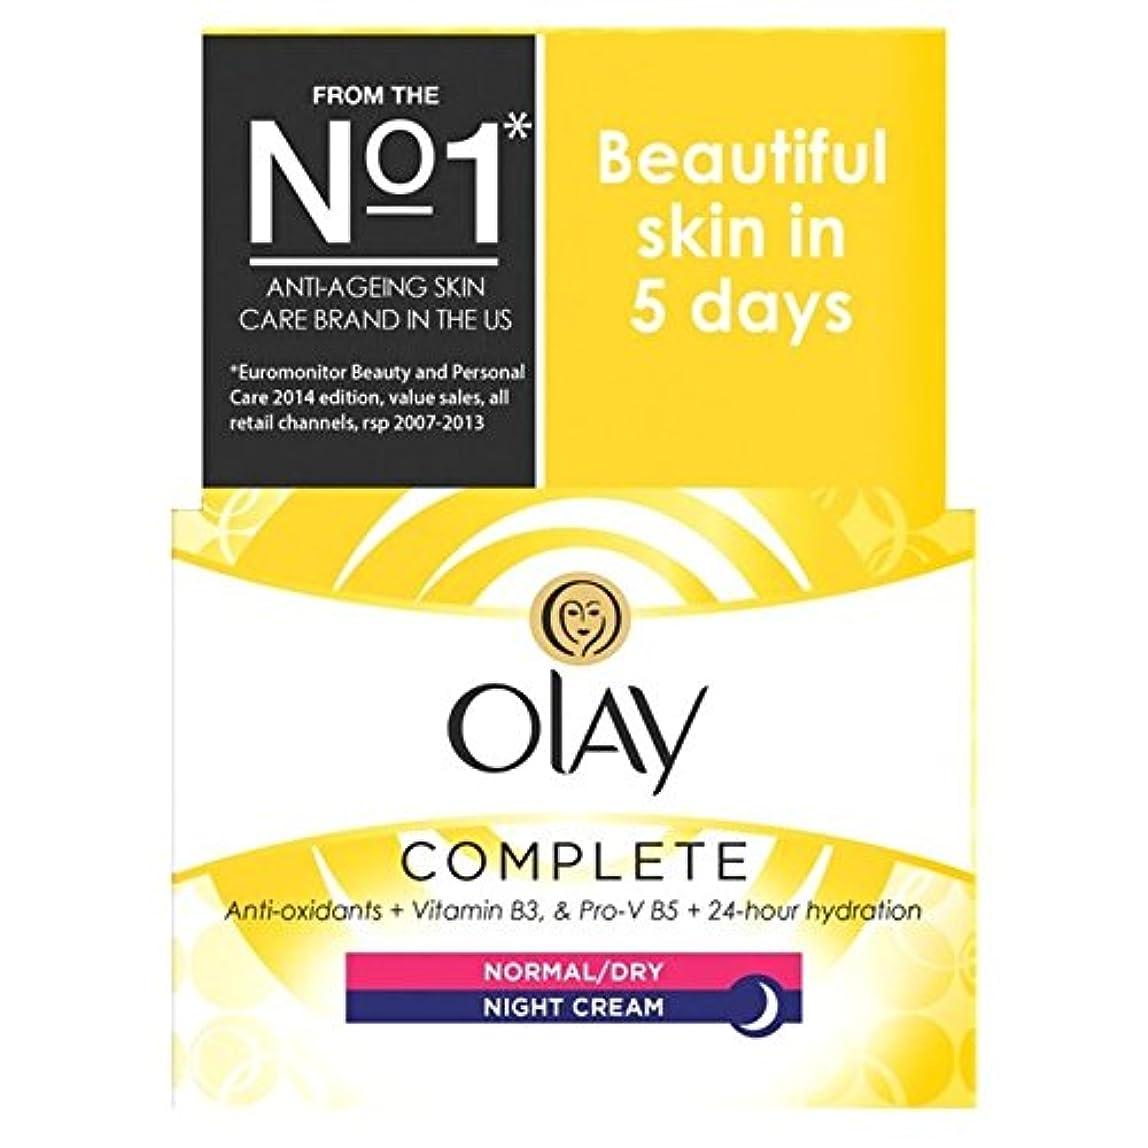 ダンプジョージスティーブンソン主張するオーレイ必需品の完全なケア保湿ナイトクリーム50ミリリットル x2 - Olay Essentials Complete Care Moisturiser Night Cream 50ml (Pack of 2) [並行輸入品]